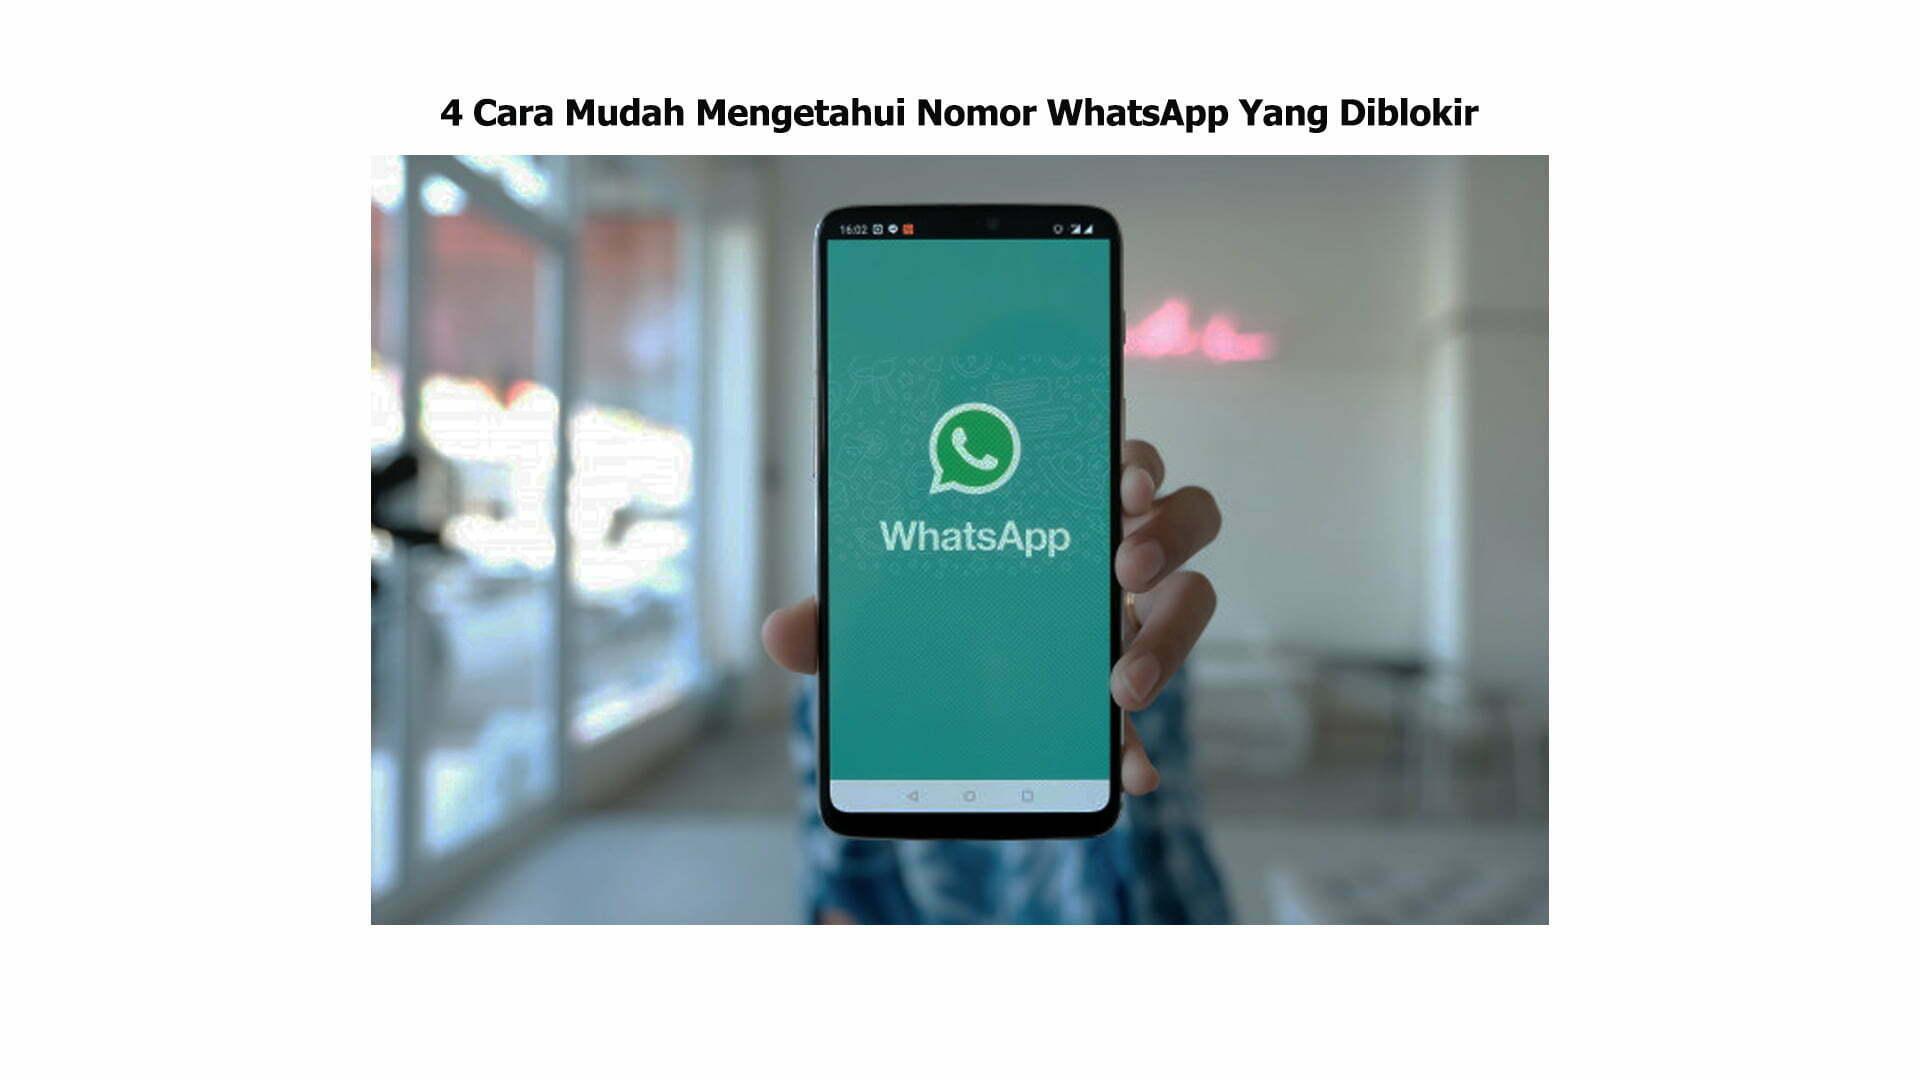 4 Cara Mudah Akses WhatsApp Web Bisa Tanpa Kode QR smartpower media berita jakarta